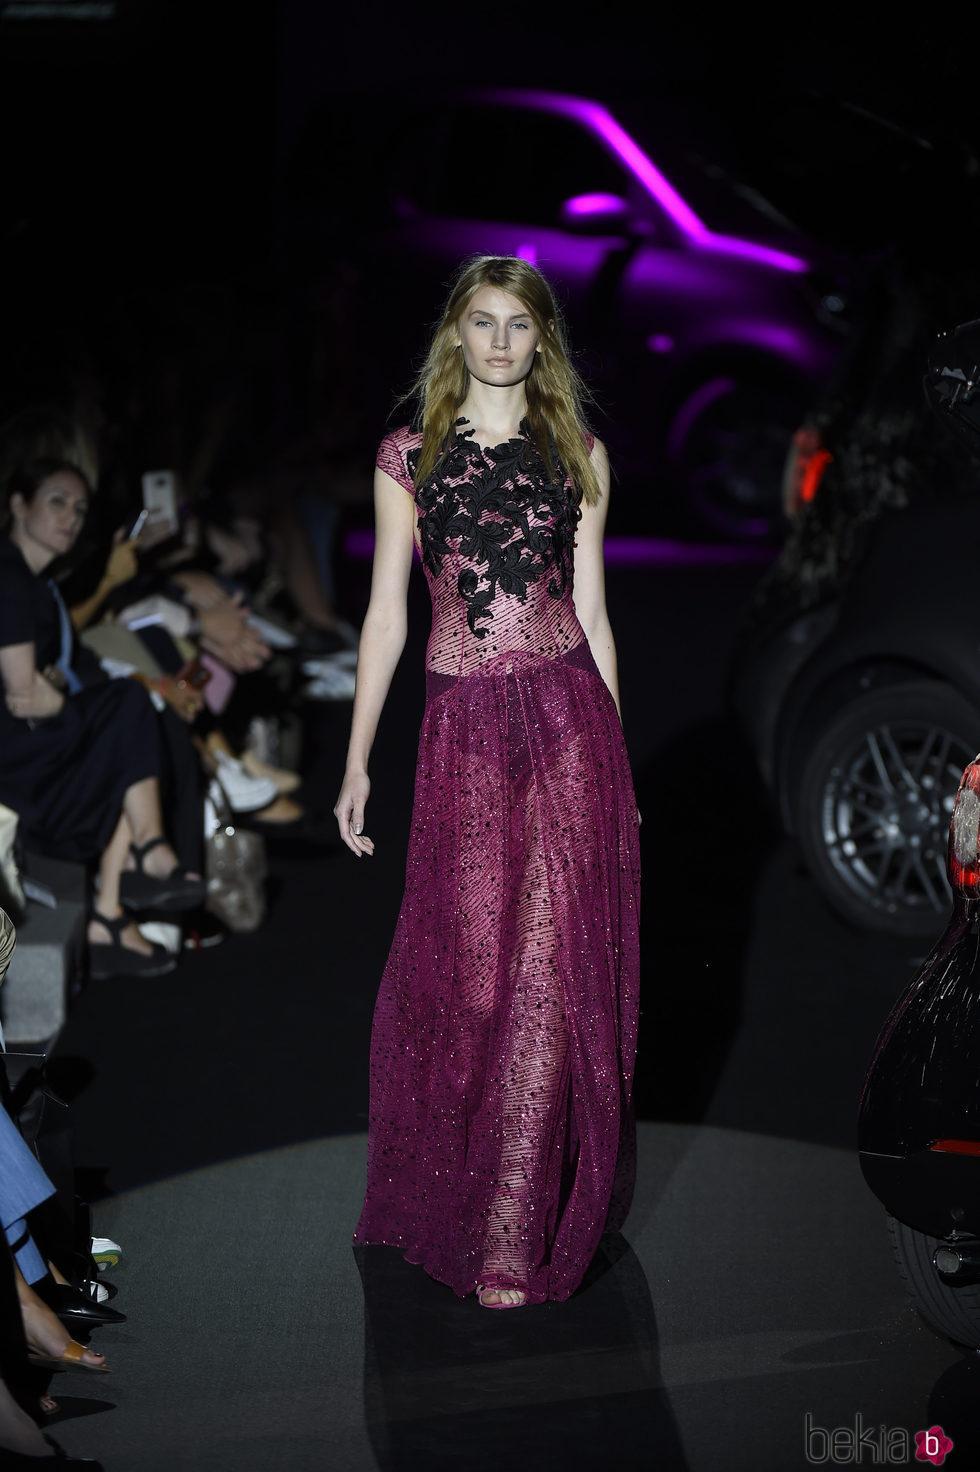 Vestido lila transparente de lentejuelas y bordado negro de Alvarno colección primavera/verano 2017 para Madrid Fashion Week